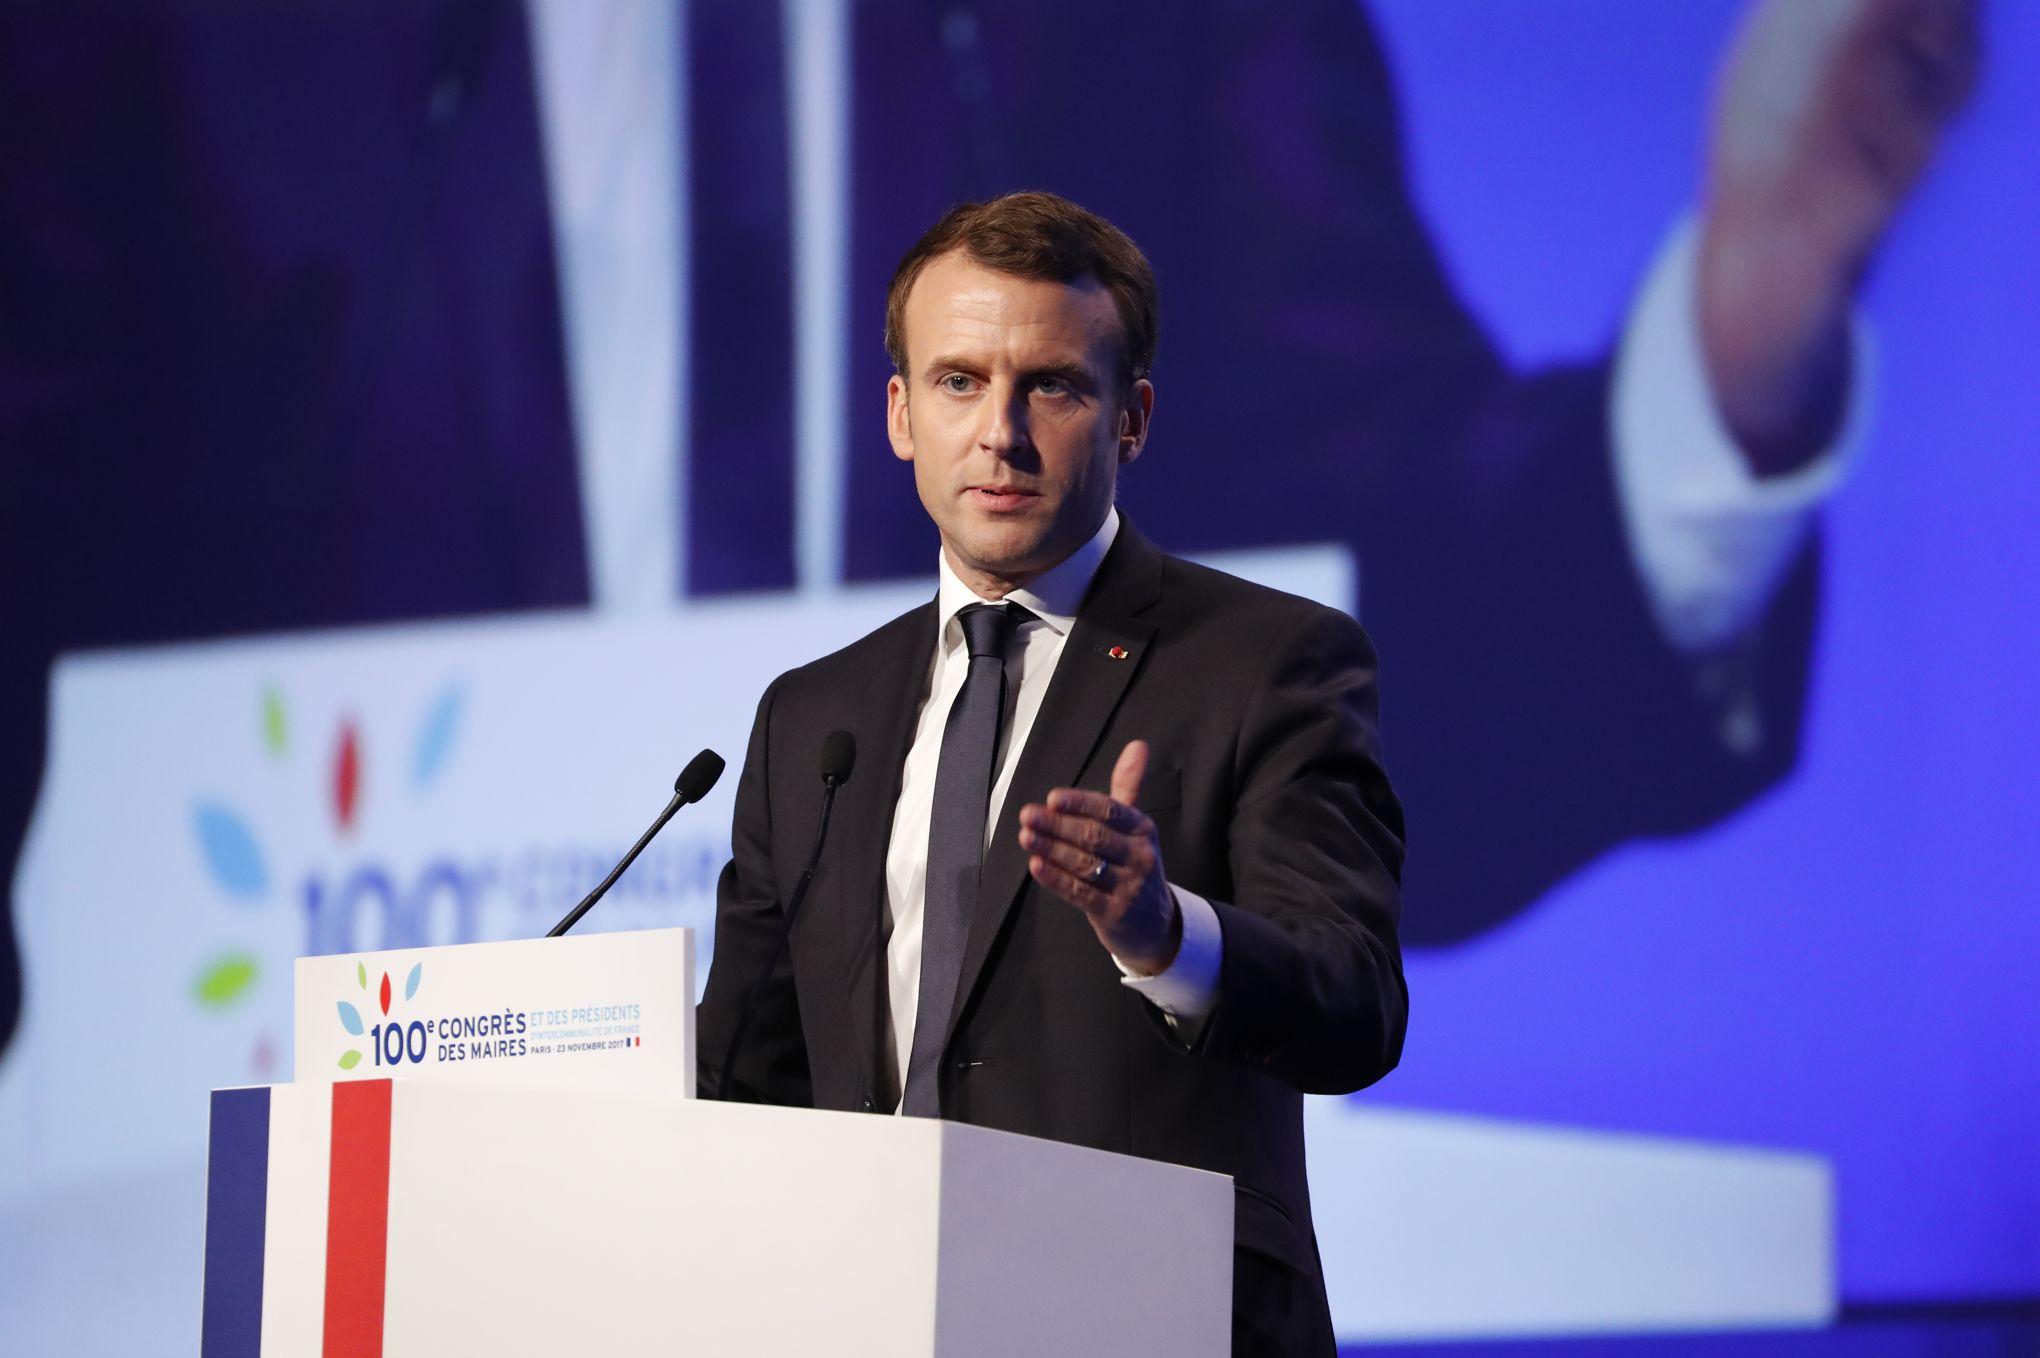 Guillaume Tabard La France A La Carte D Emmanuel Macron